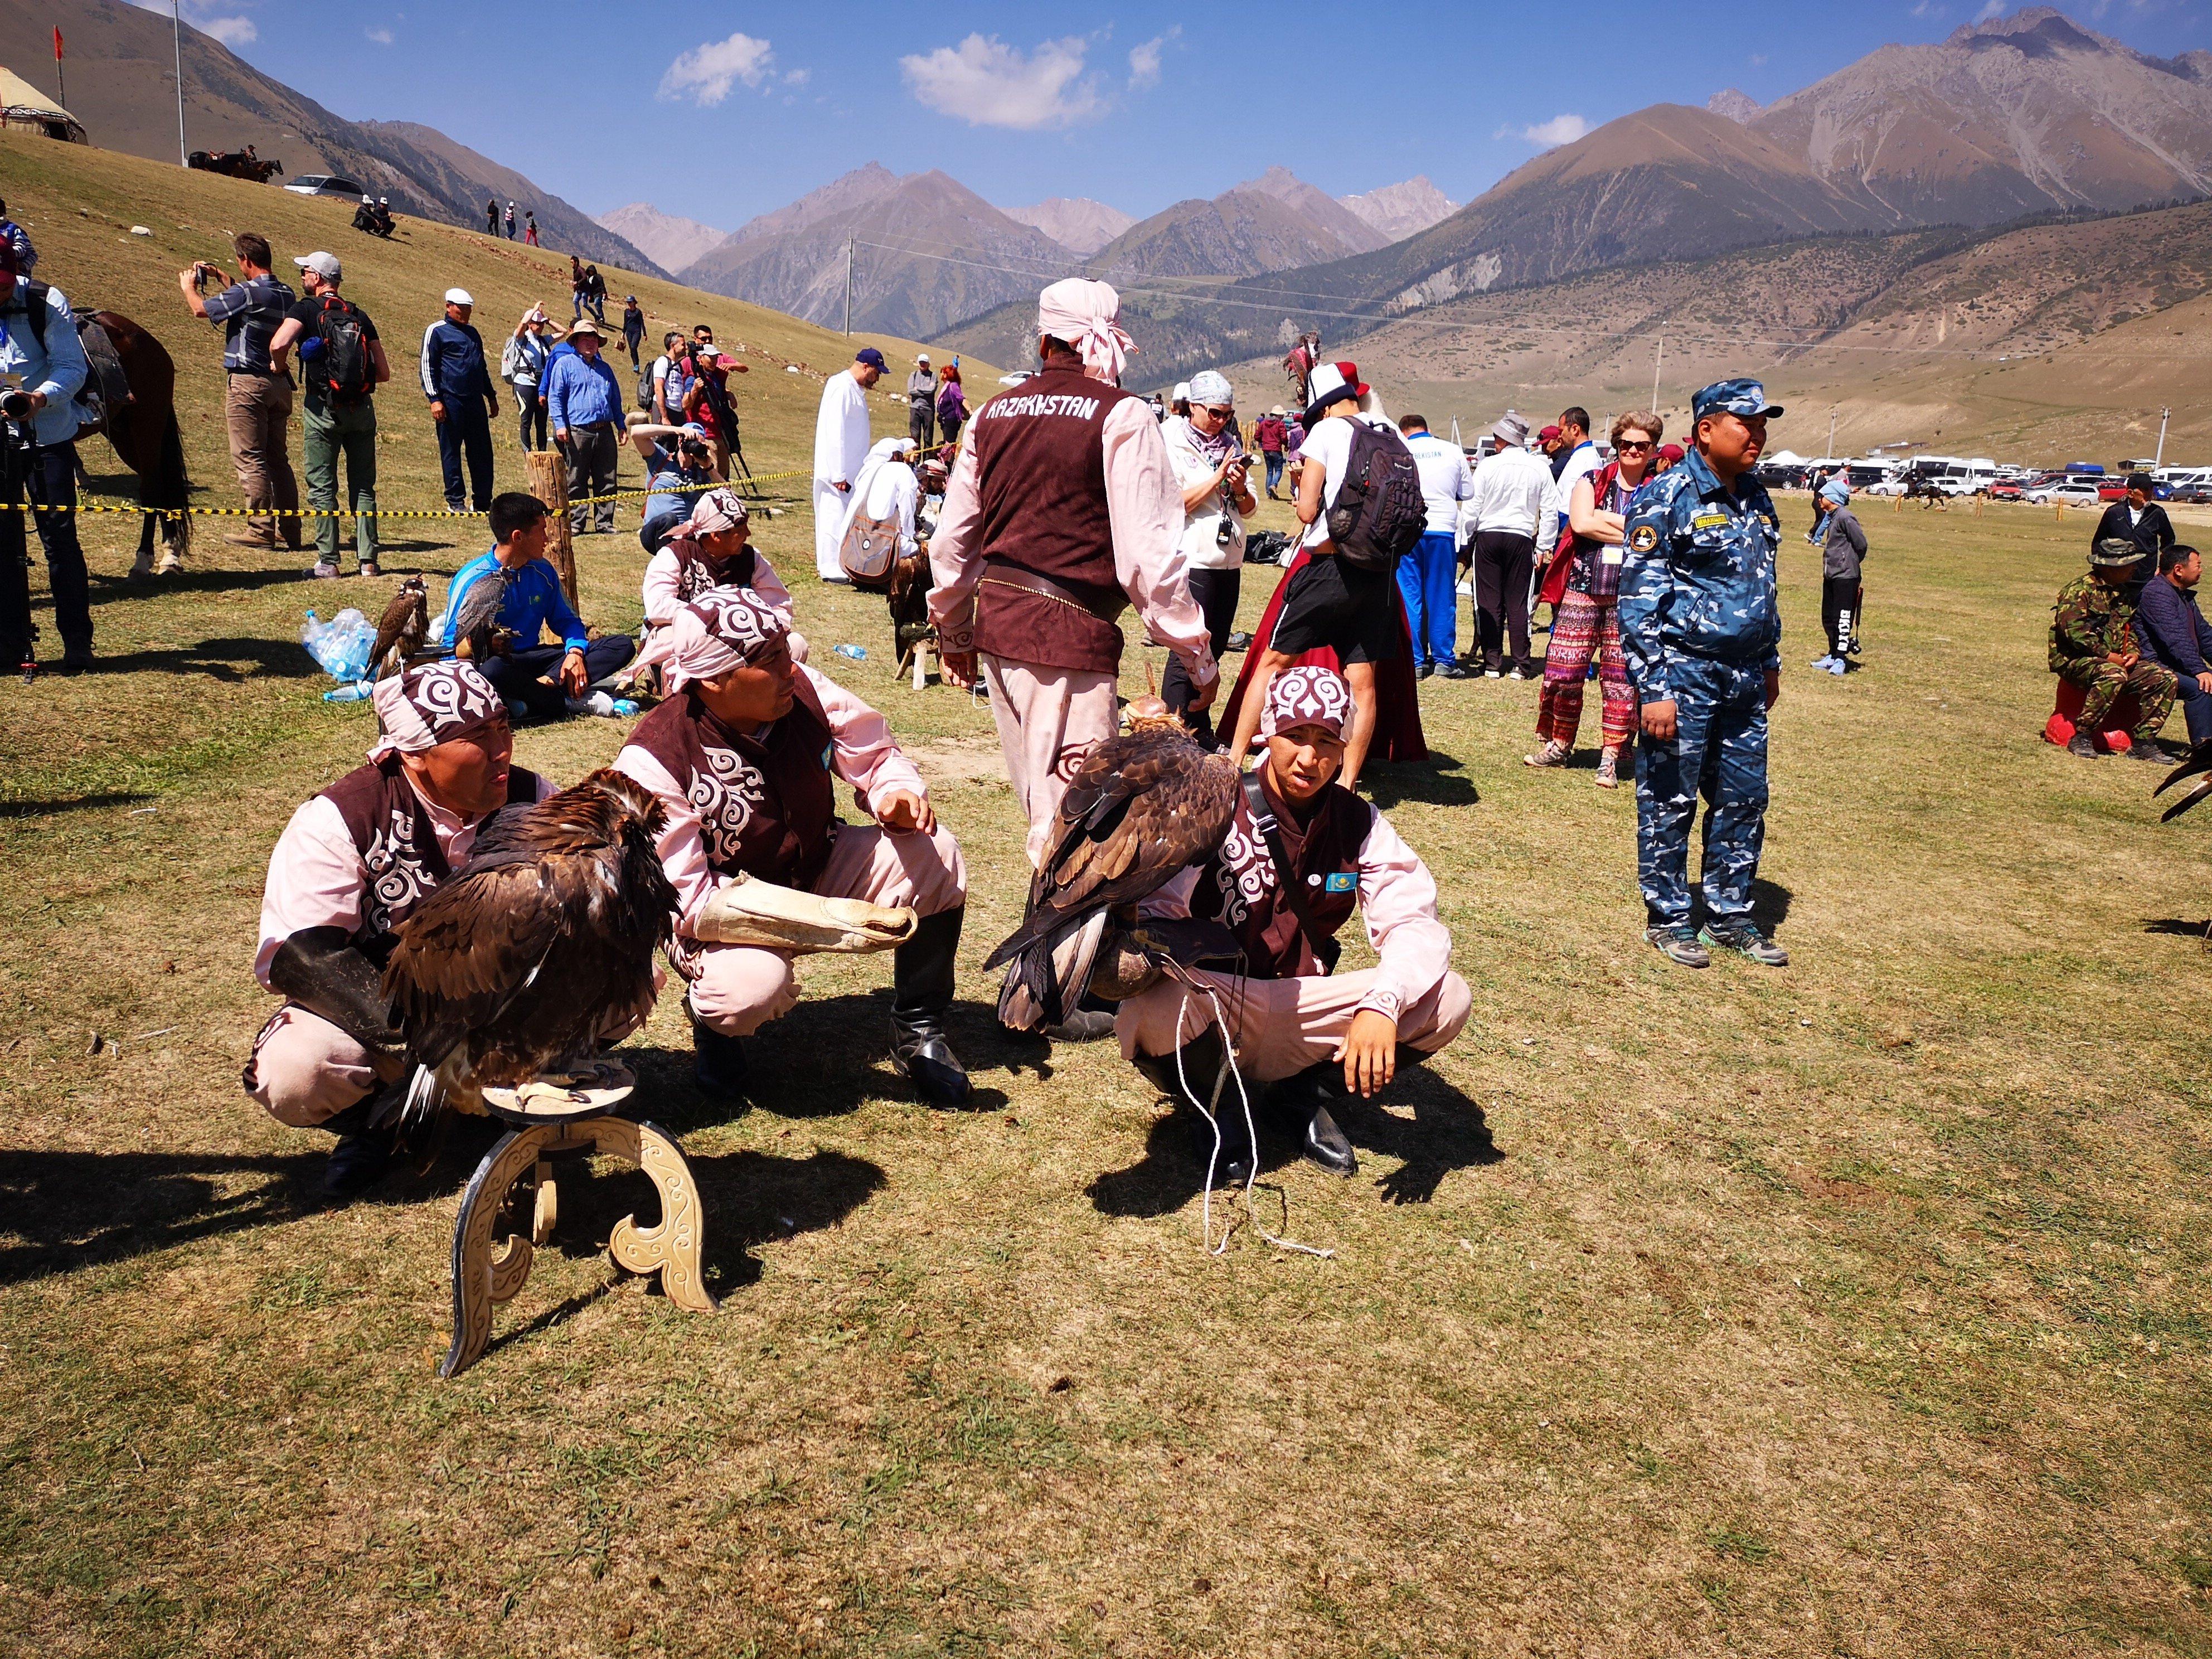 Участники соревнований с охотничьими птицами из Казахстана